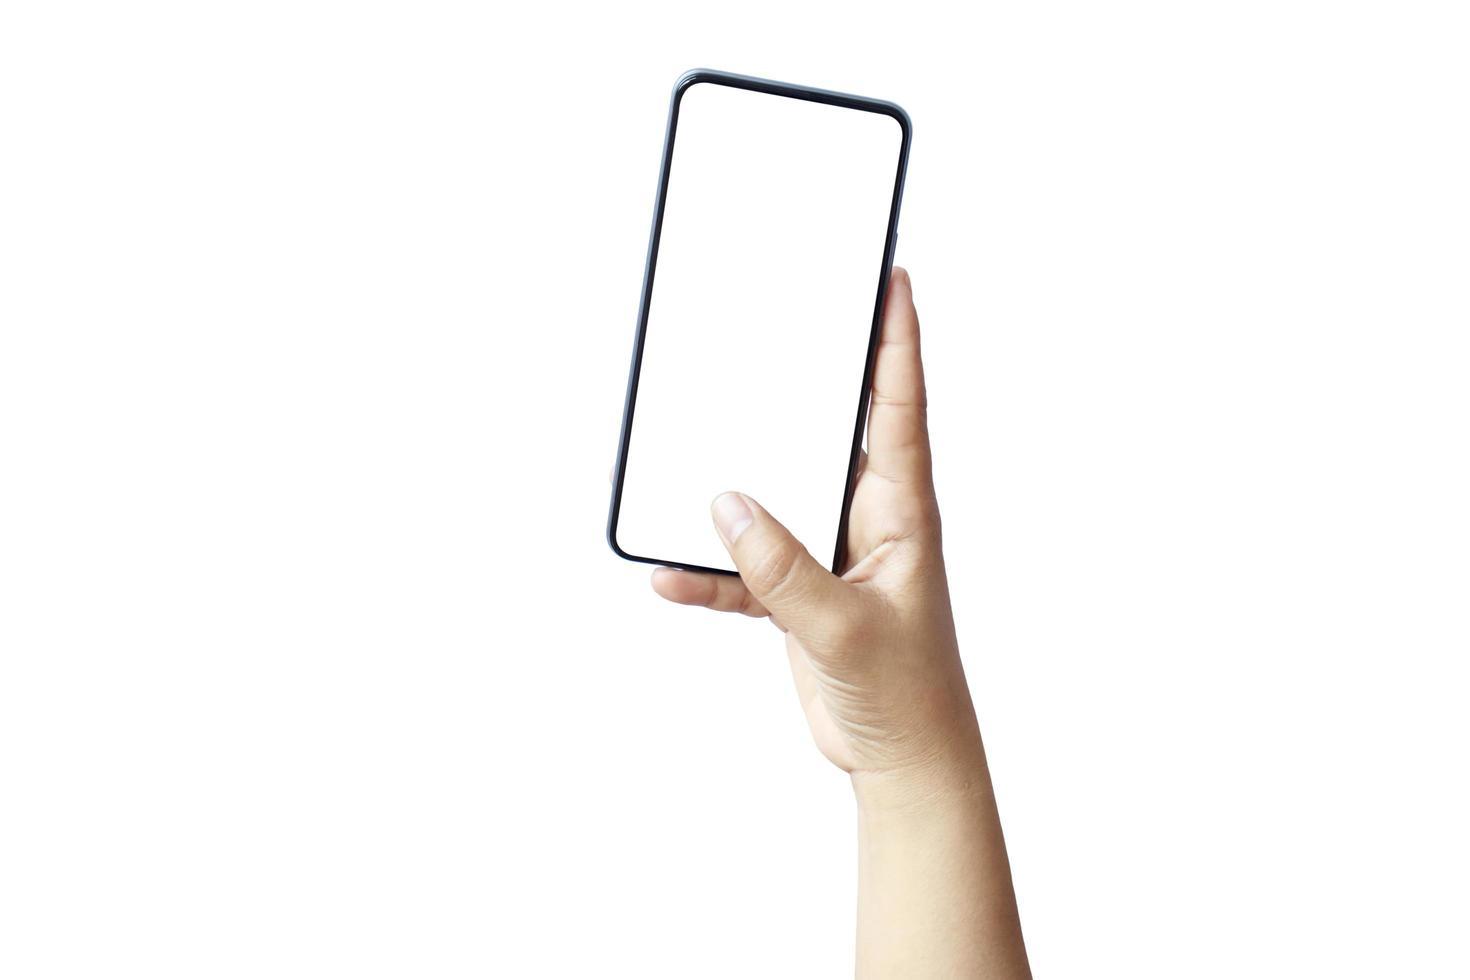 mobil smartphone med snygg design och en tom skärm isolerad på vit bakgrund med urklippsbanan foto